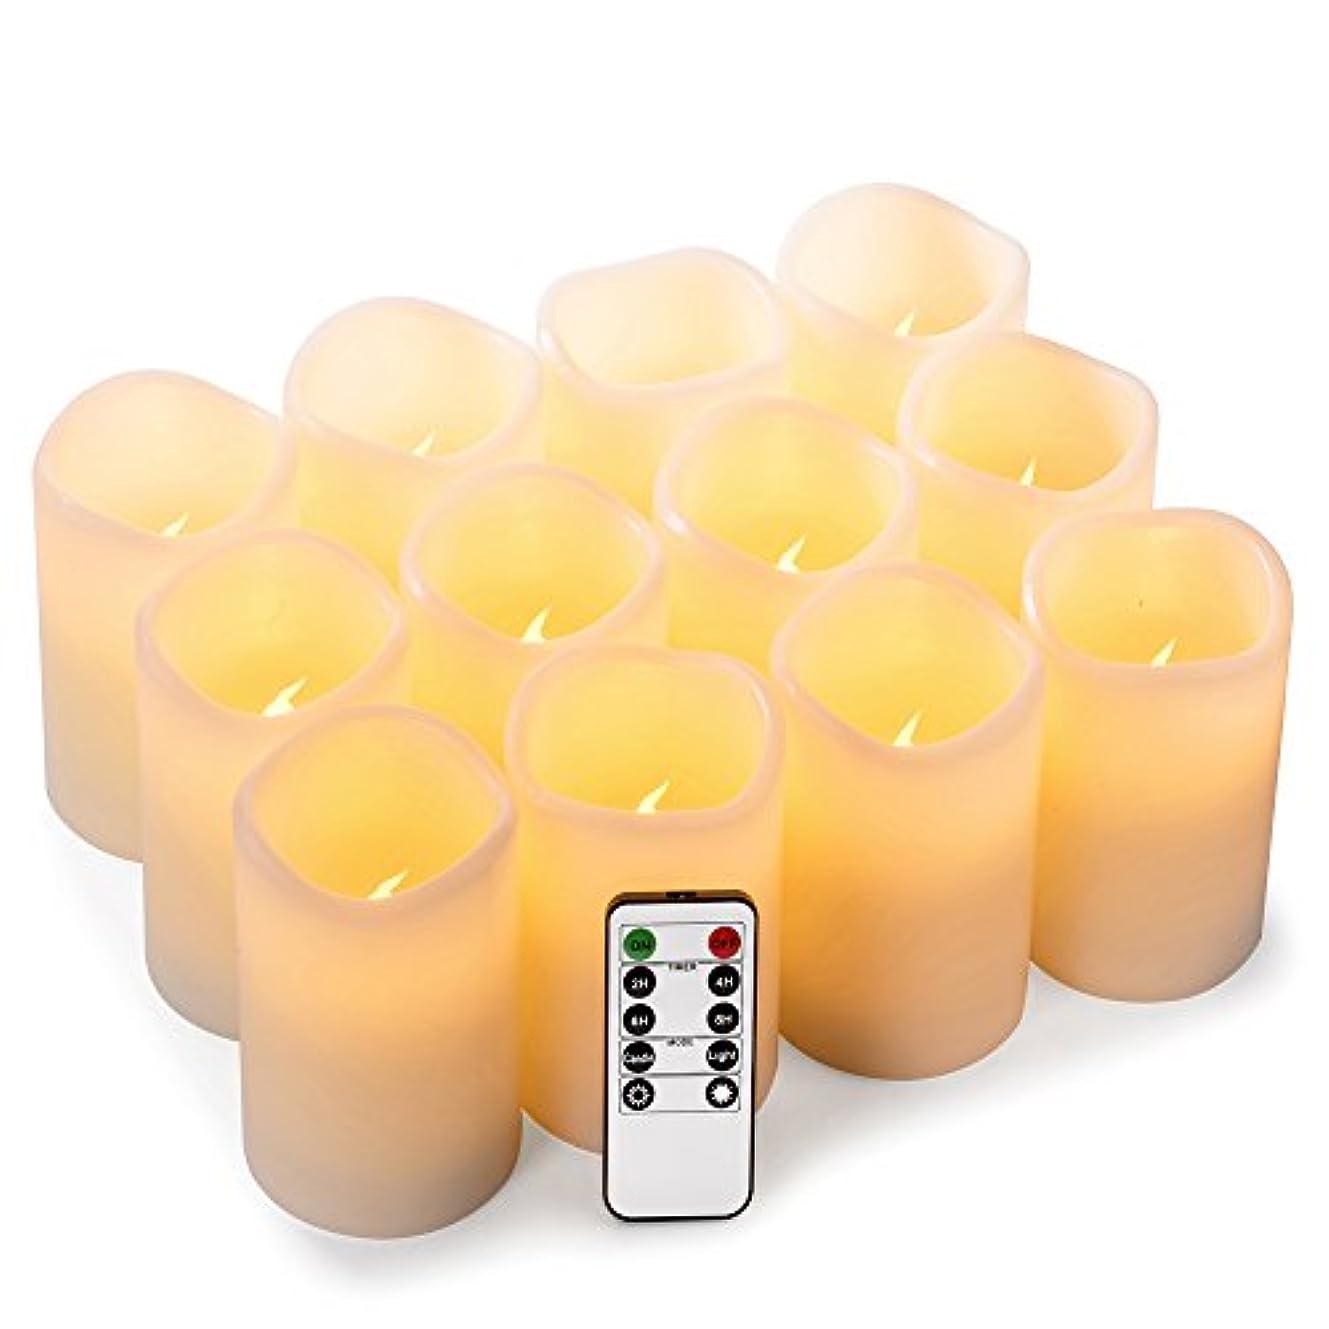 スロベニア槍クラウンenpornkフレイムレスキャンドル電池式LED Pillar RealワックスちらつきElectric無香キャンドルwithリモートコントロールサイクリング24時間タイマー、アイボリー色、12セット ホワイト